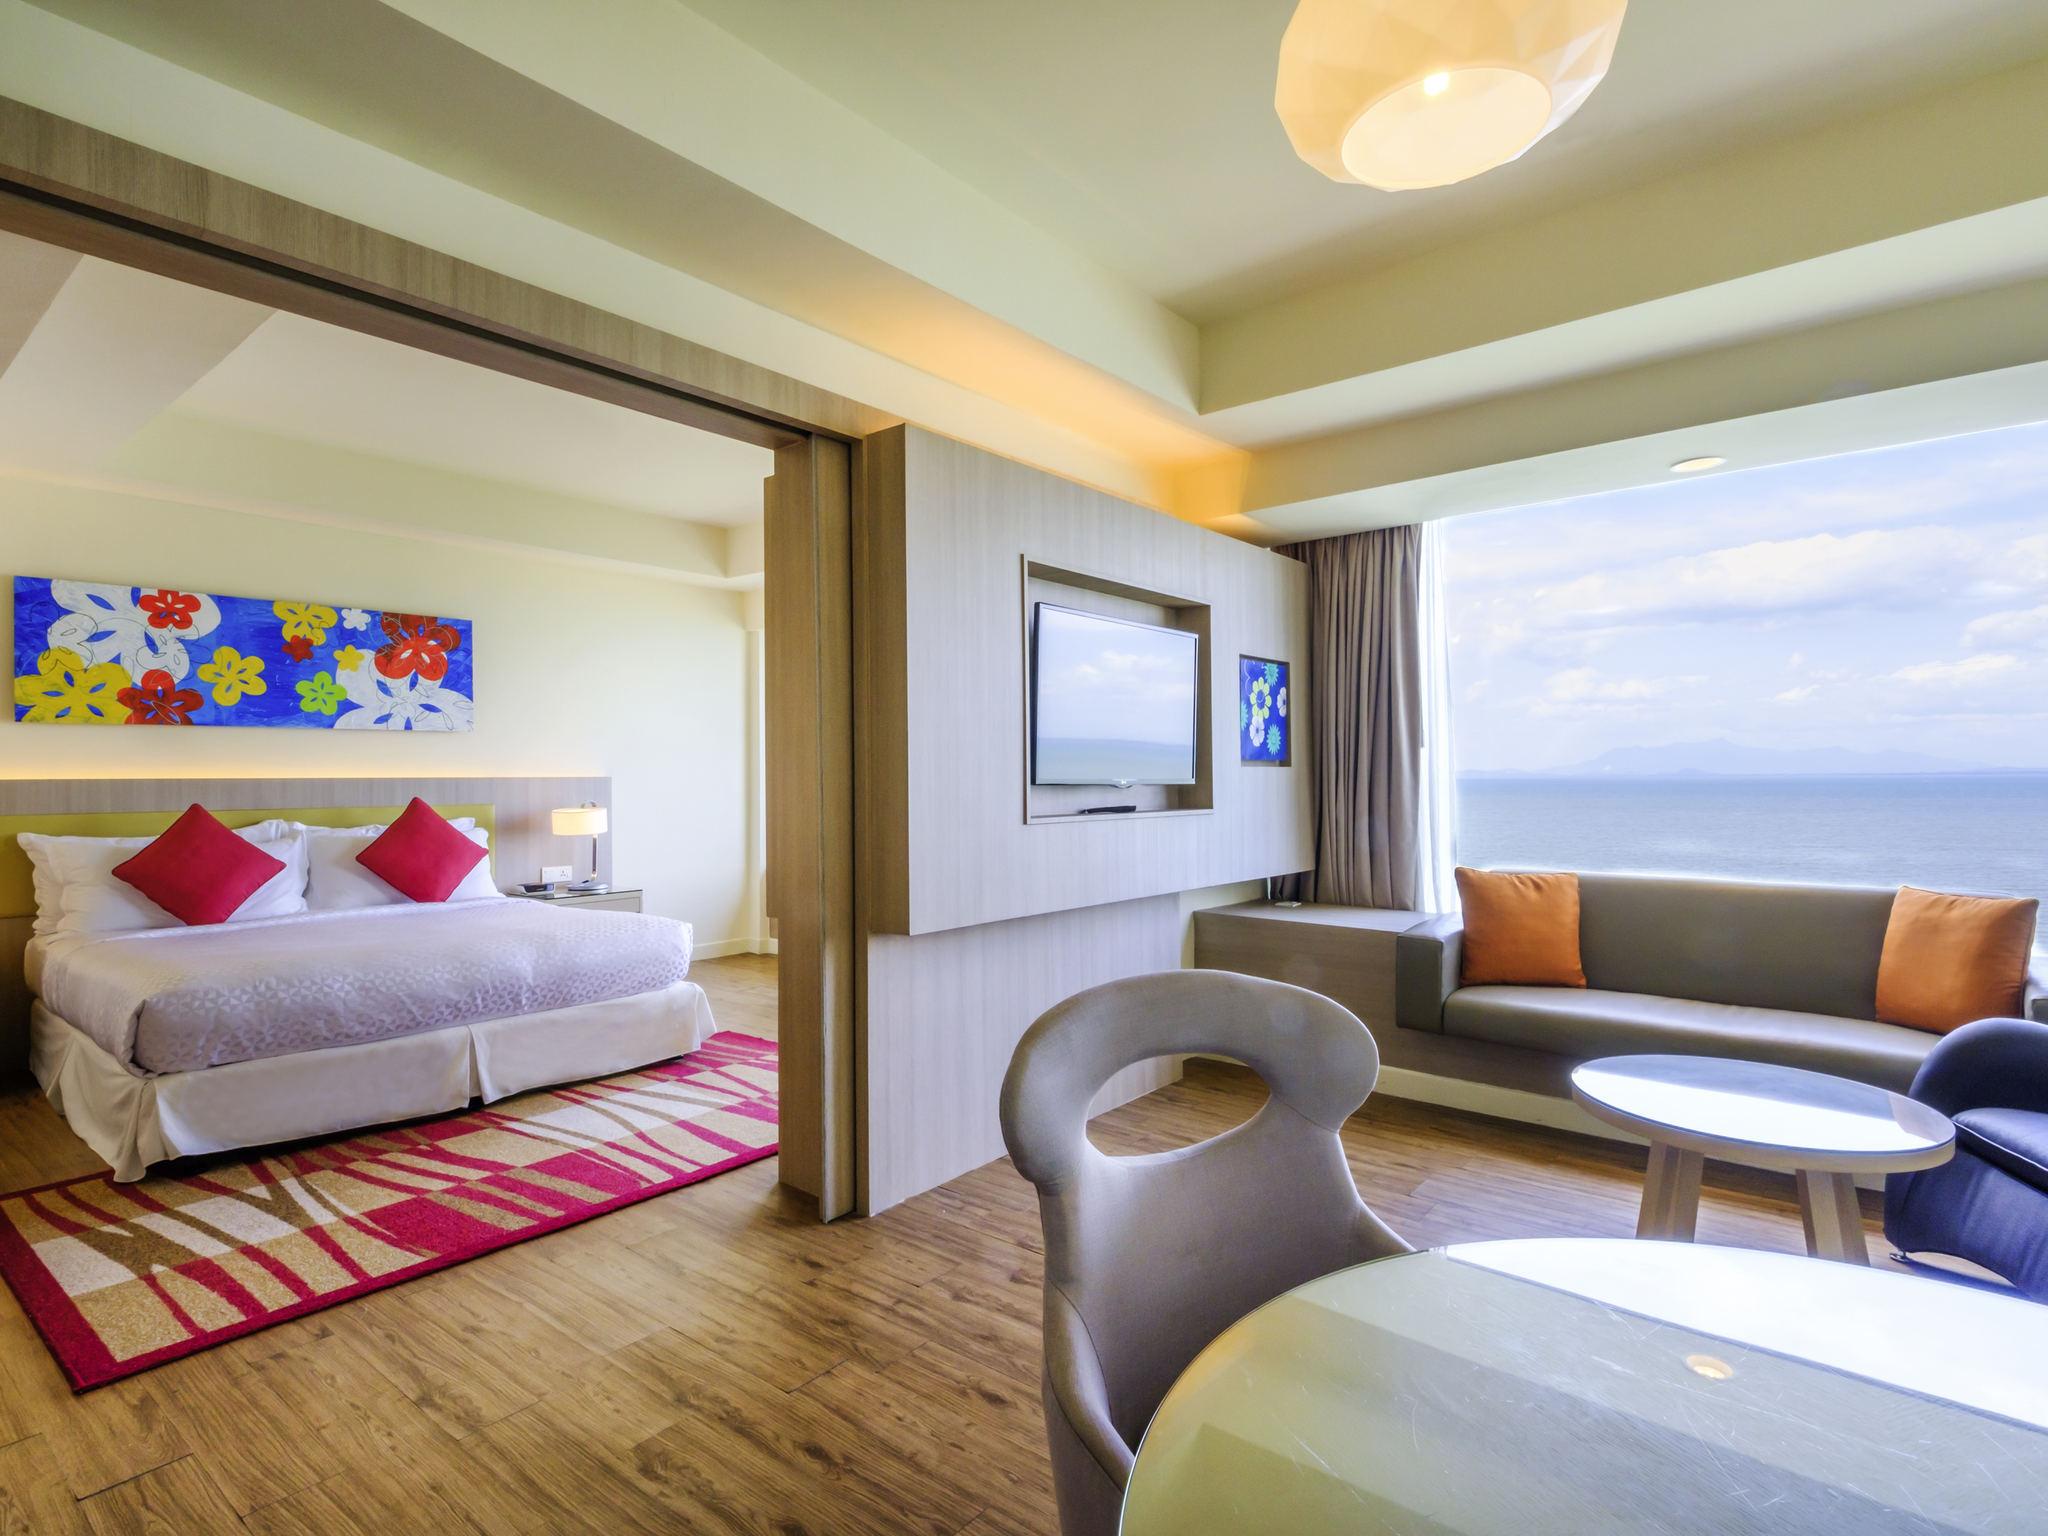 Hotel in tanjung bungah - Mercure Penang Beach